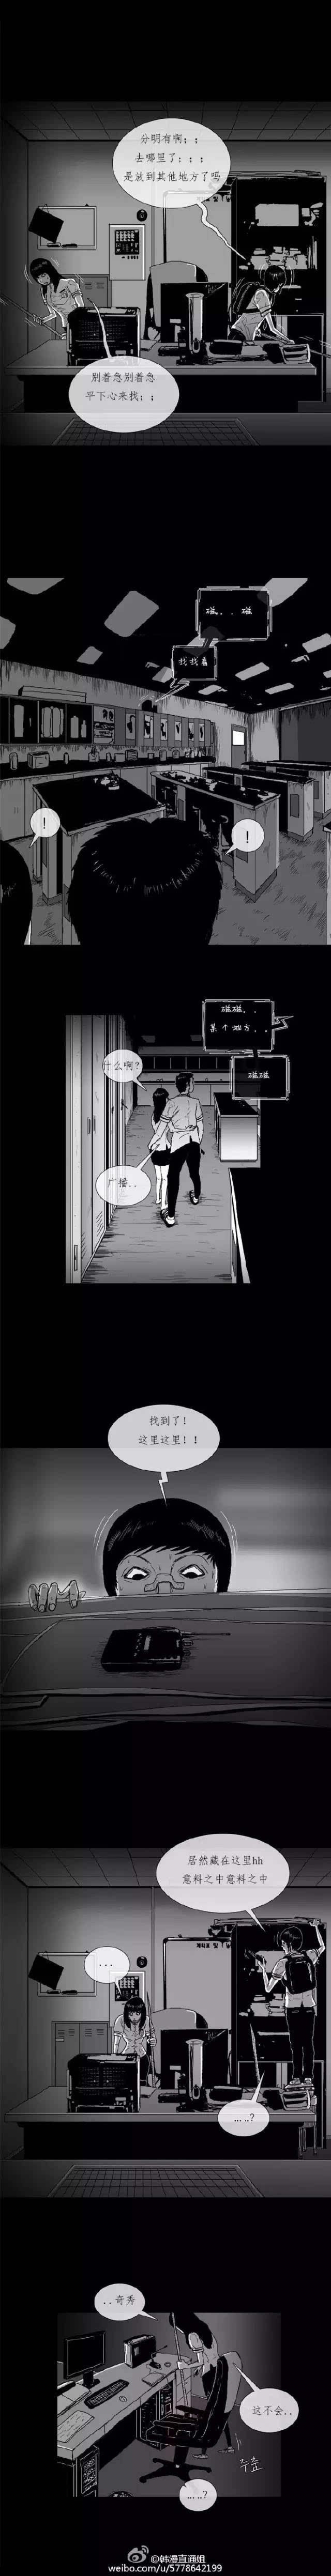 极度重口校园《生存事件》(10-20话)漫画血腥v校园人类漫画哒子同人咕图片